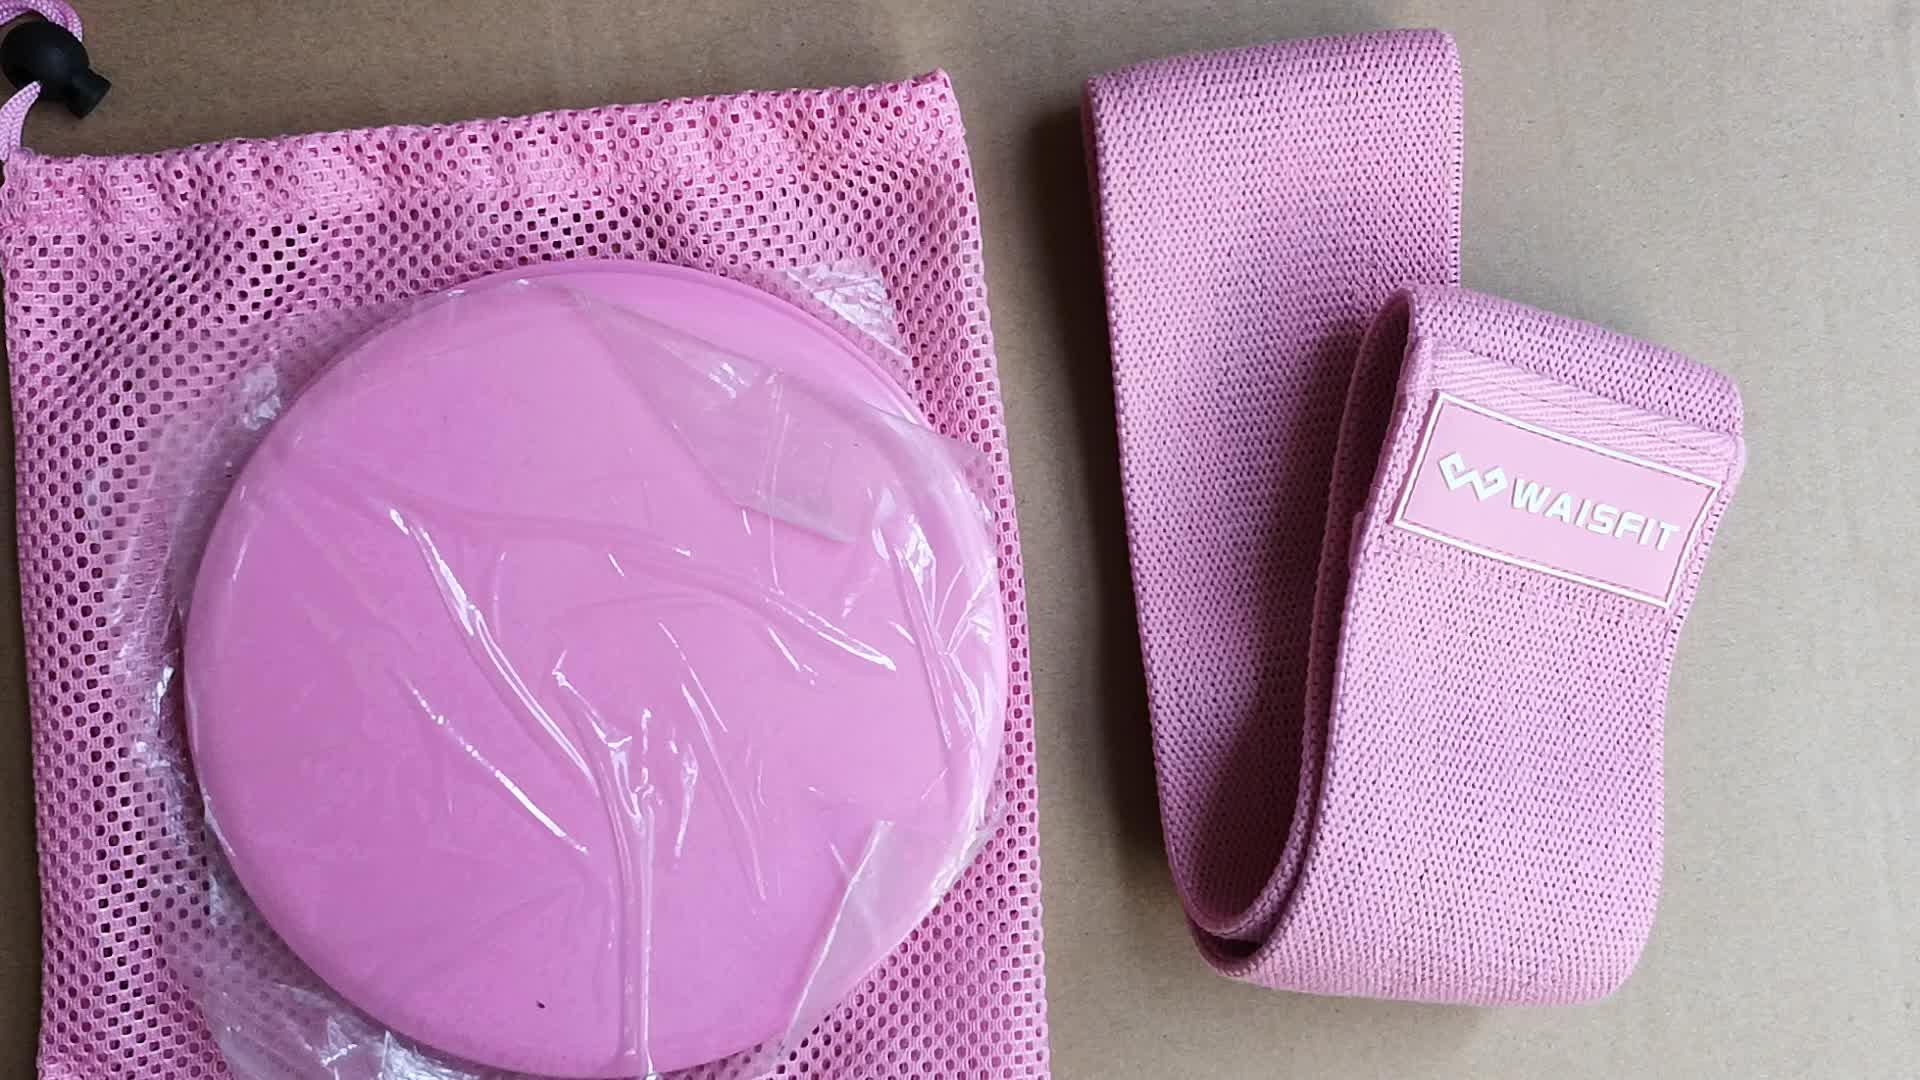 สีชมพูชุดออกกำลังกายแถบสะโพกและ Core Sliders